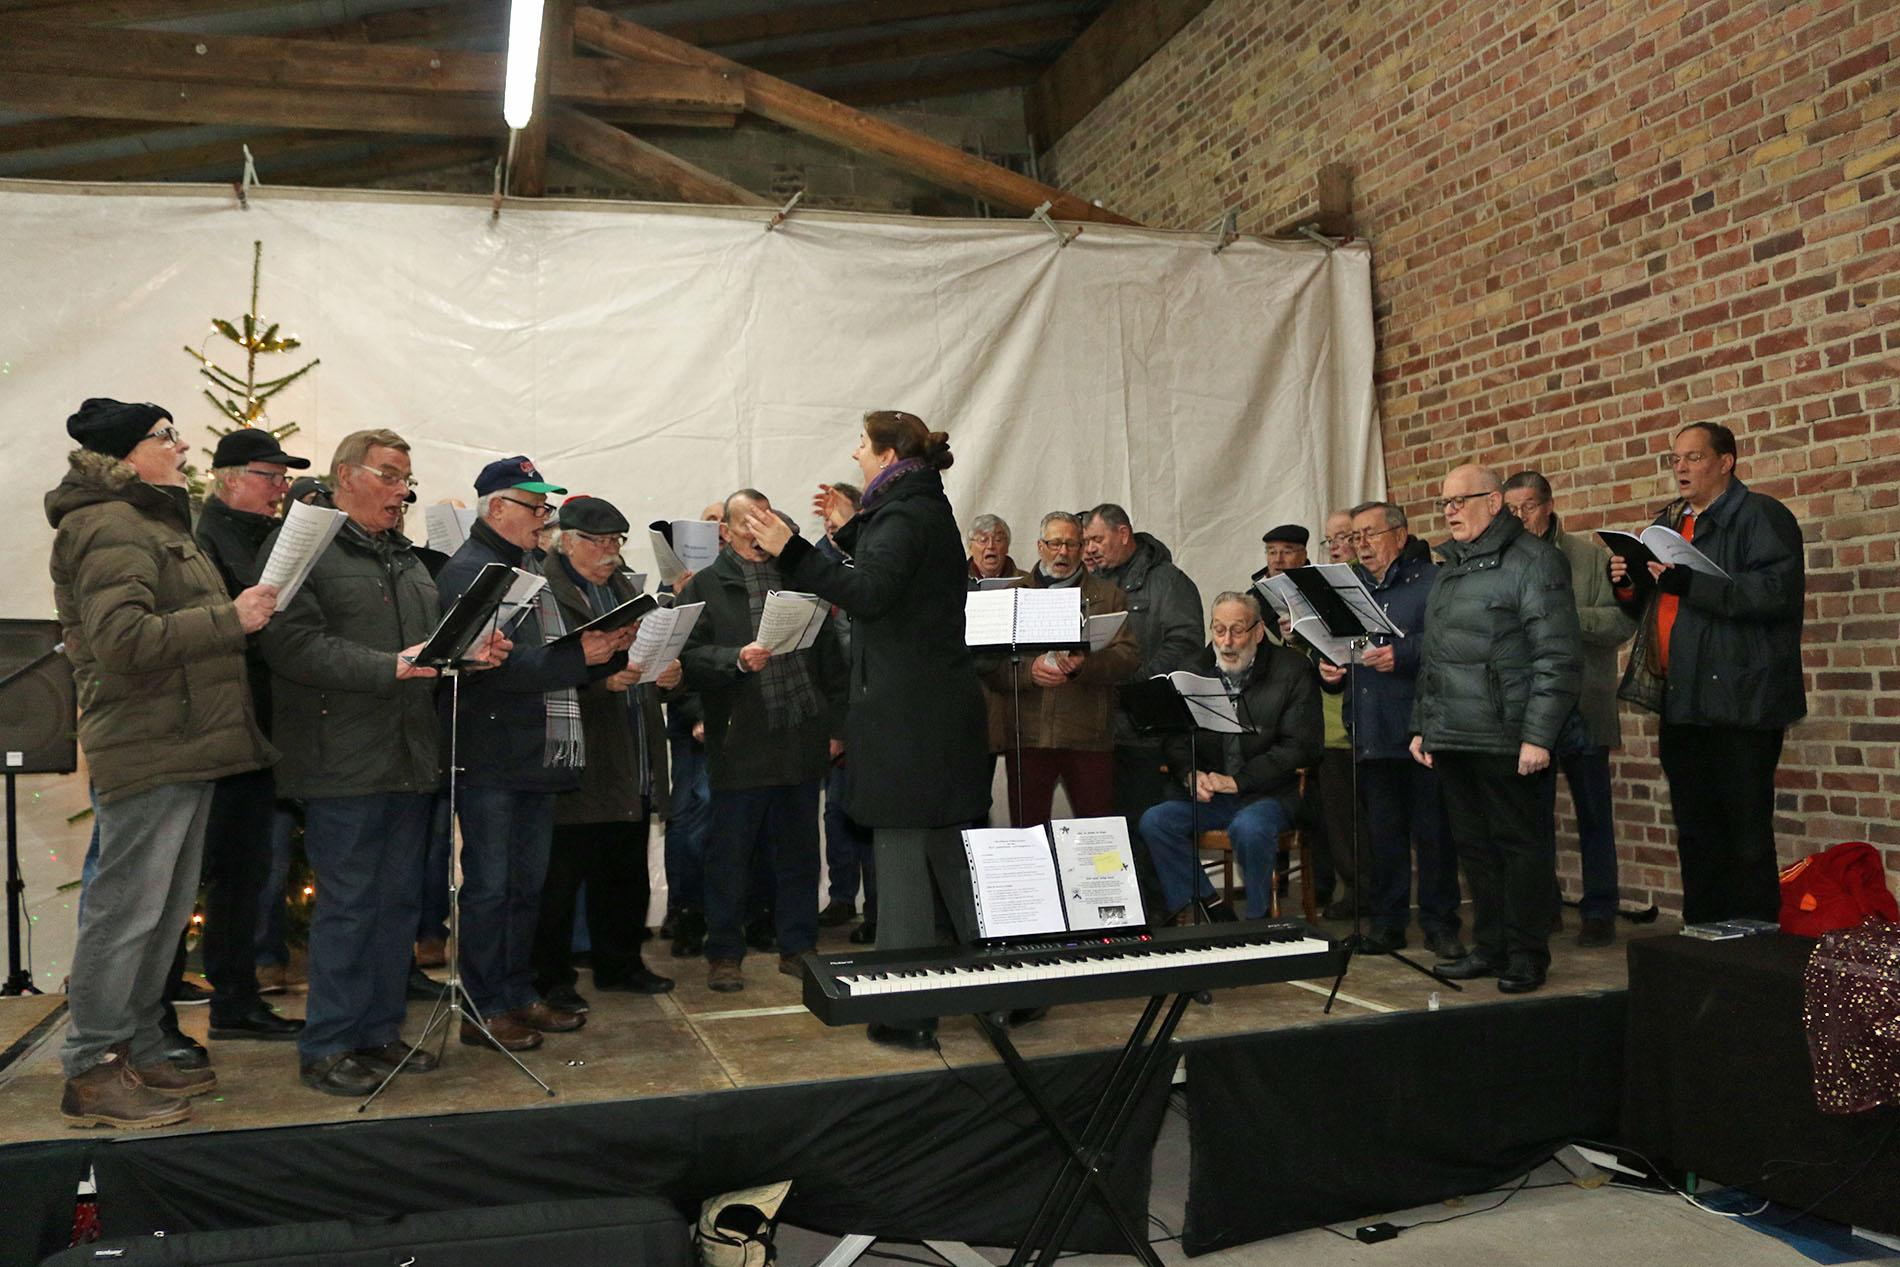 """Mit vorweihnachtlichen Klängen eröffnete der MGV Quartettverein 1930 Königshoven e. V. und Chorleiterin Daniela Bosenius den """"Adventsbasar"""" auf dem Schwierenhof in Bedburg-Kirdorf. (Fotos: Bastian Schlößer)"""